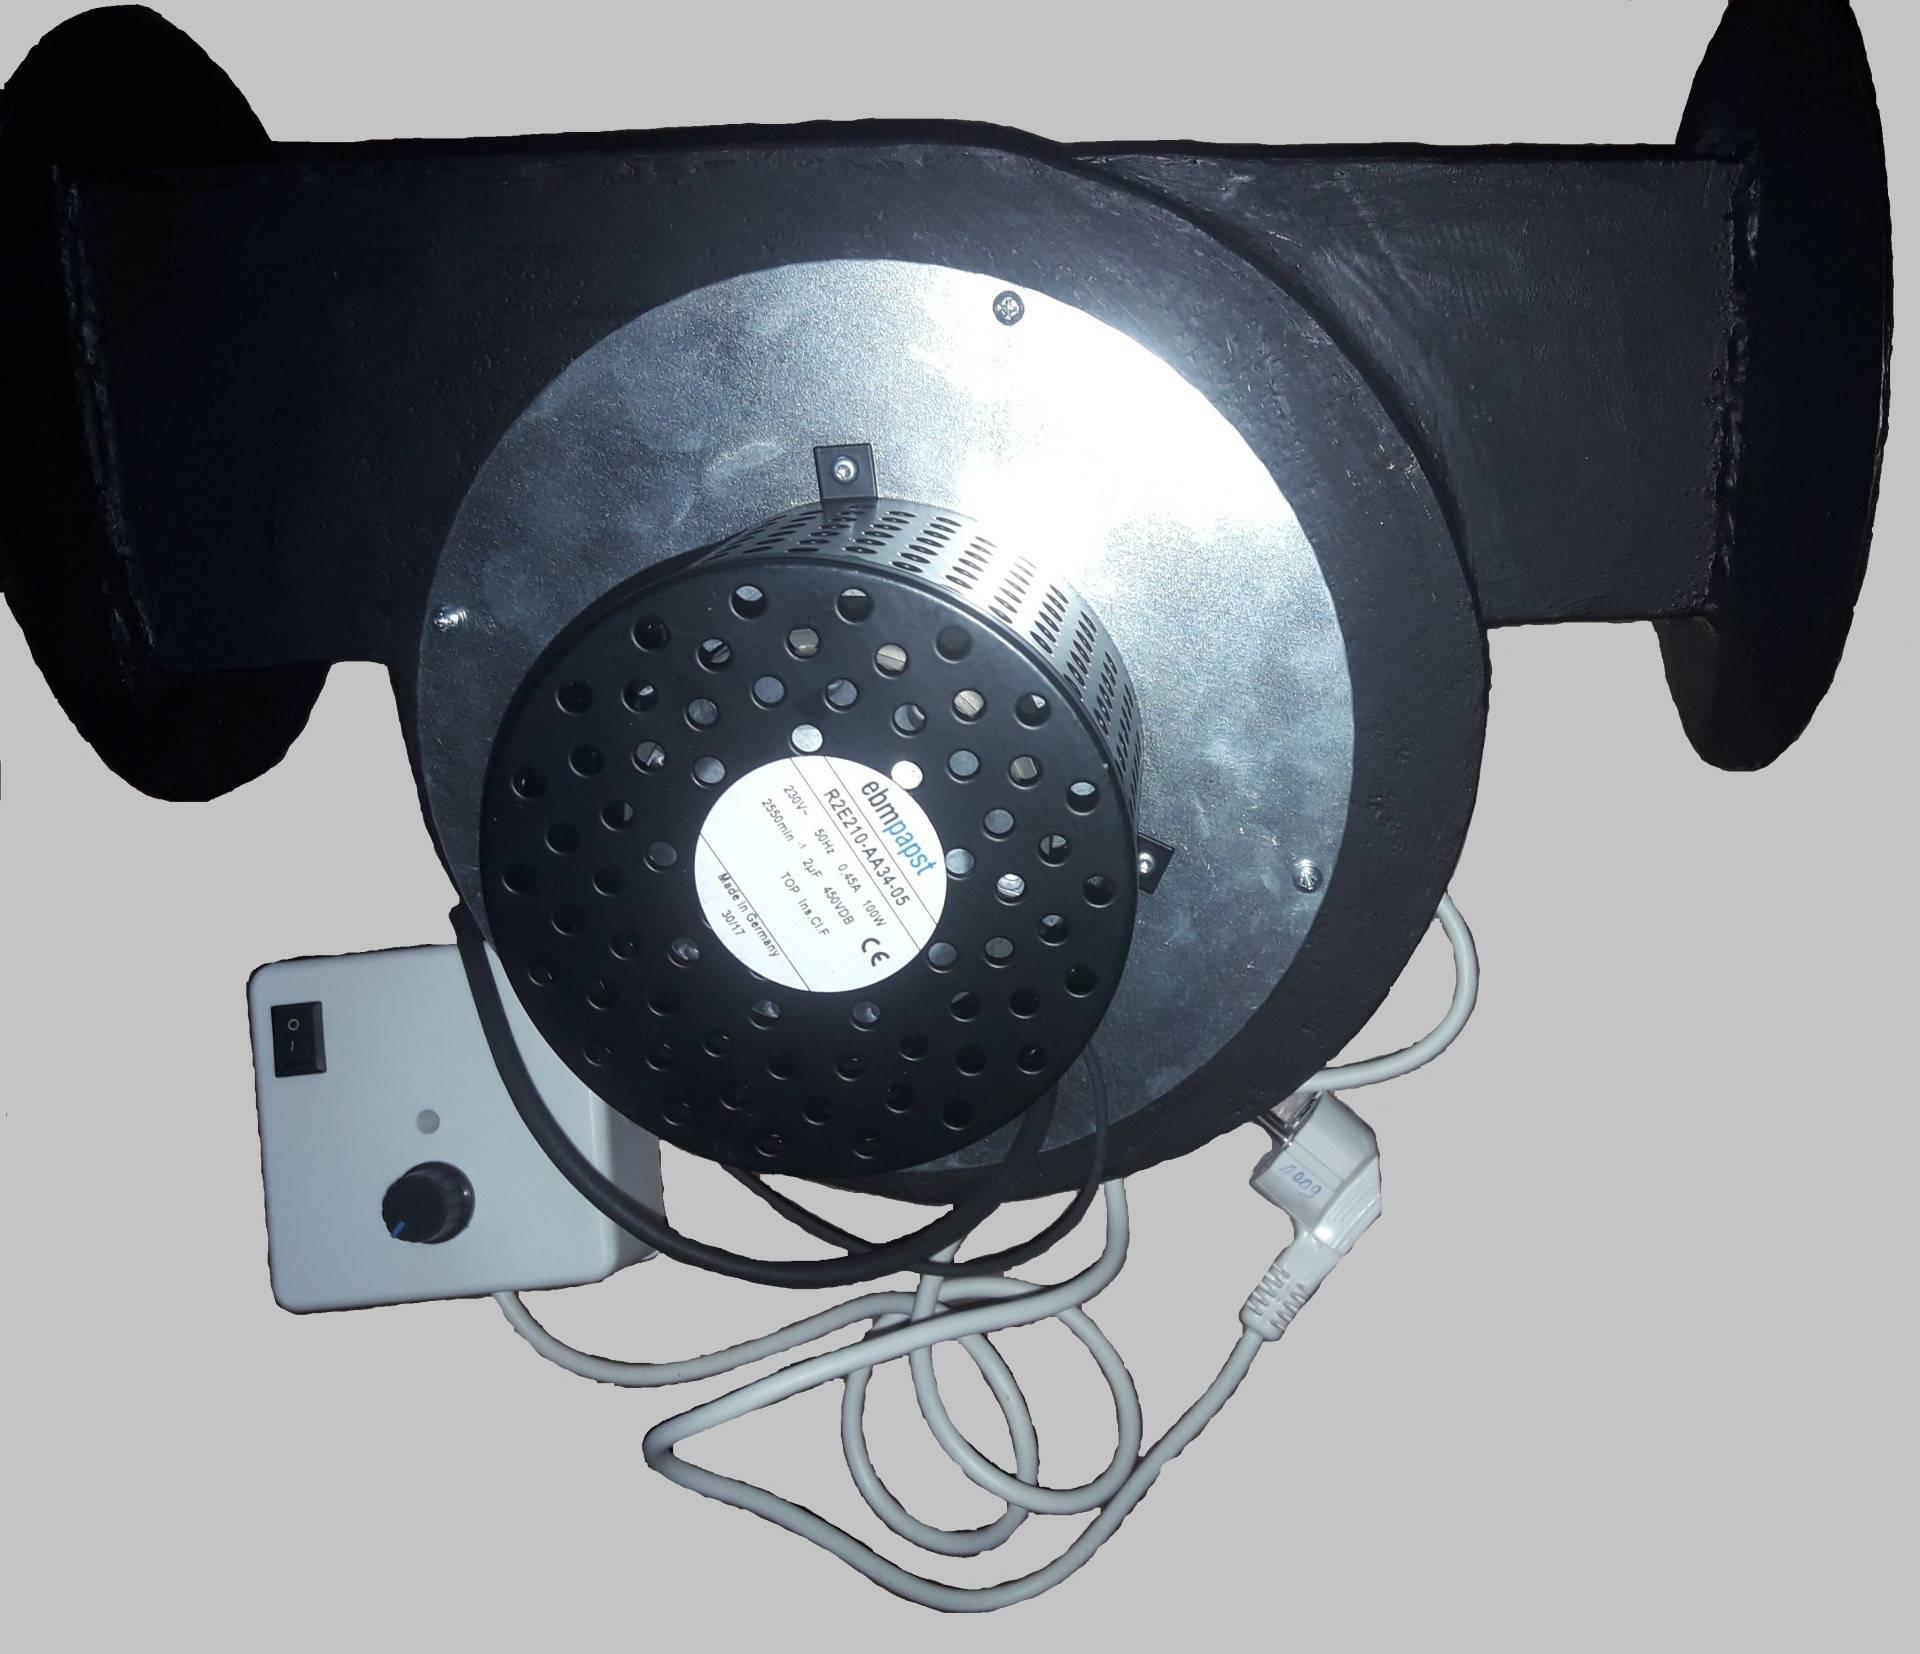 Вентилятор для котла на твердом топливе: виды, выбор, изготовление